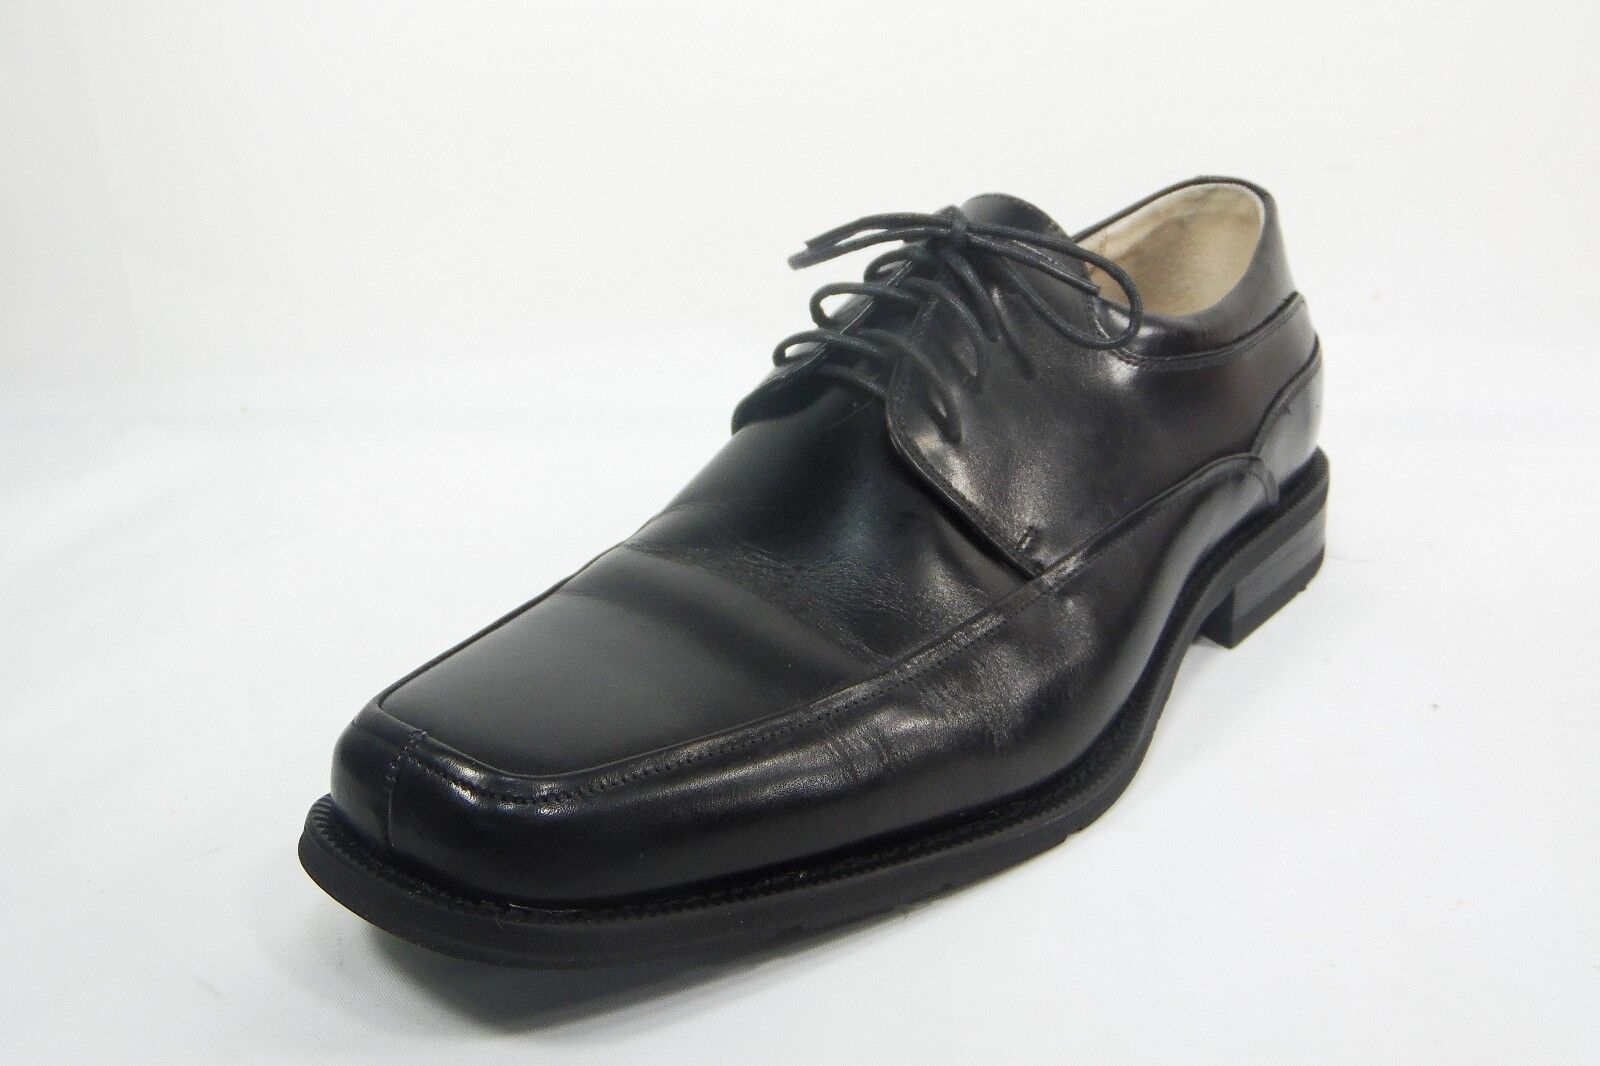 Florsheim Cortland Leather Classic Dress Black Men's shoes Size 11D(M) 14051-001